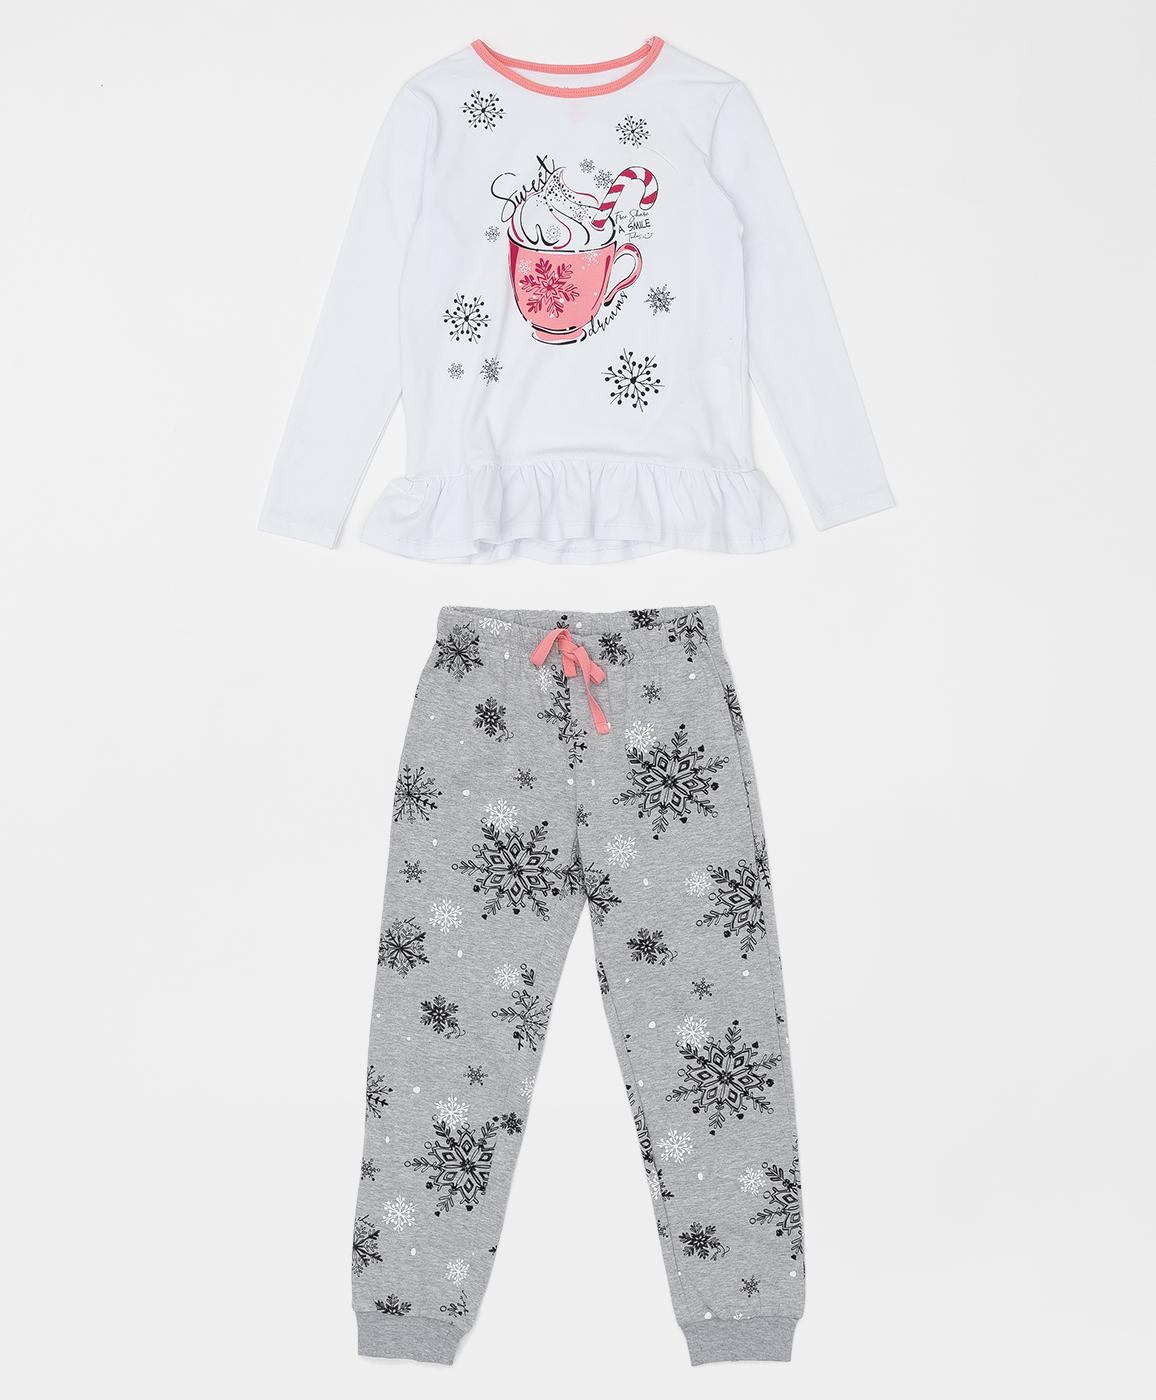 Купить 220BBGMU97010219, Пижама для девочки Button Blue, белый, 116-122, Хлопок, Женский, ОСЕНЬ/ЗИМА 2020-2021 (shop: GulliverMarket Gulliver Market)